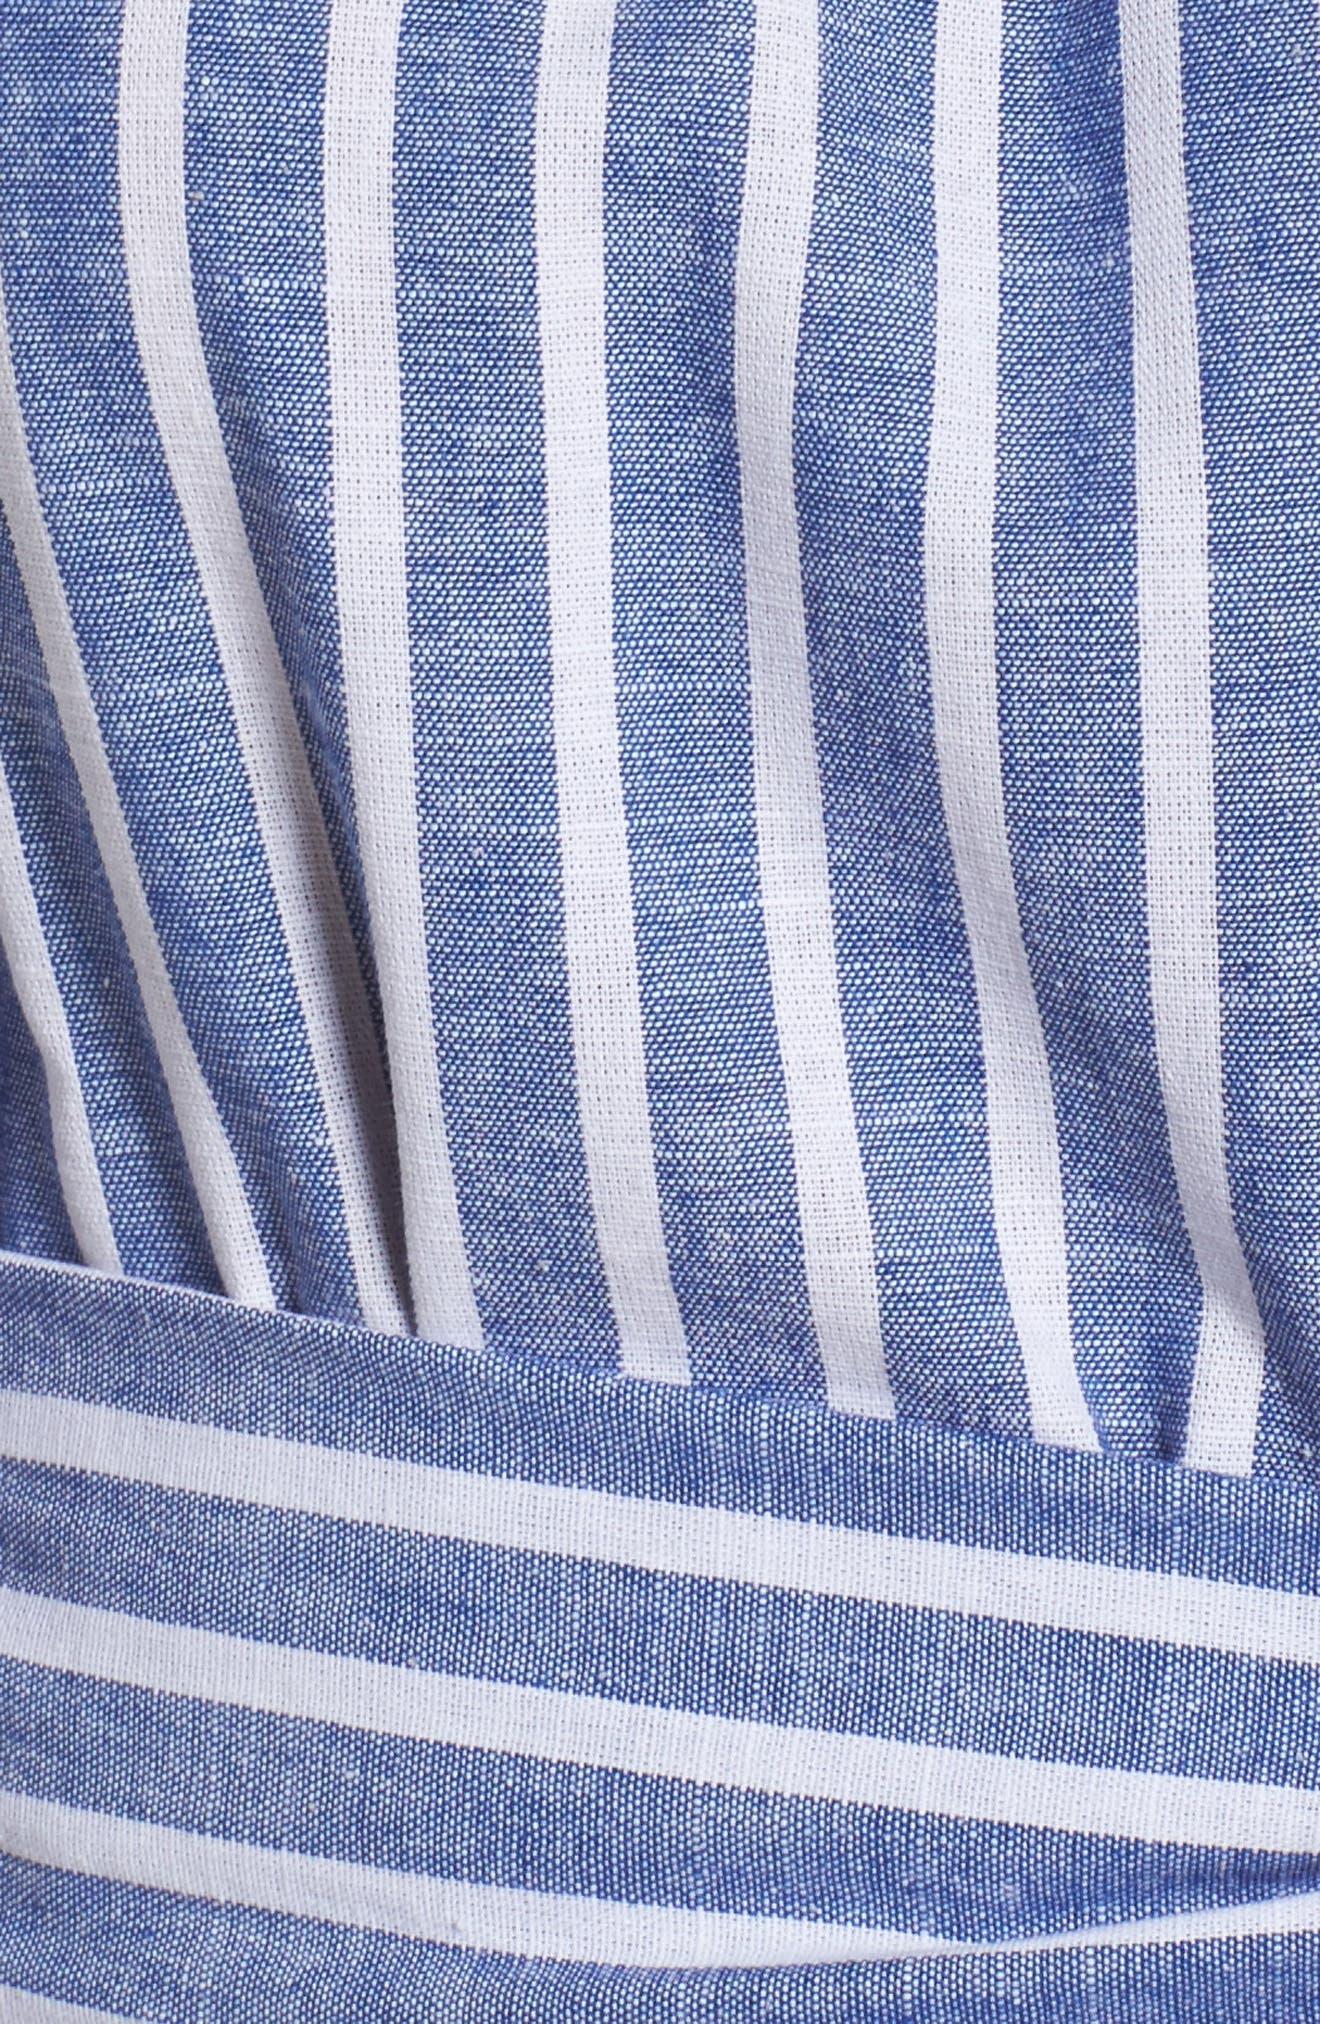 Off the Shoulder Tie Waist Dress,                             Alternate thumbnail 5, color,                             407